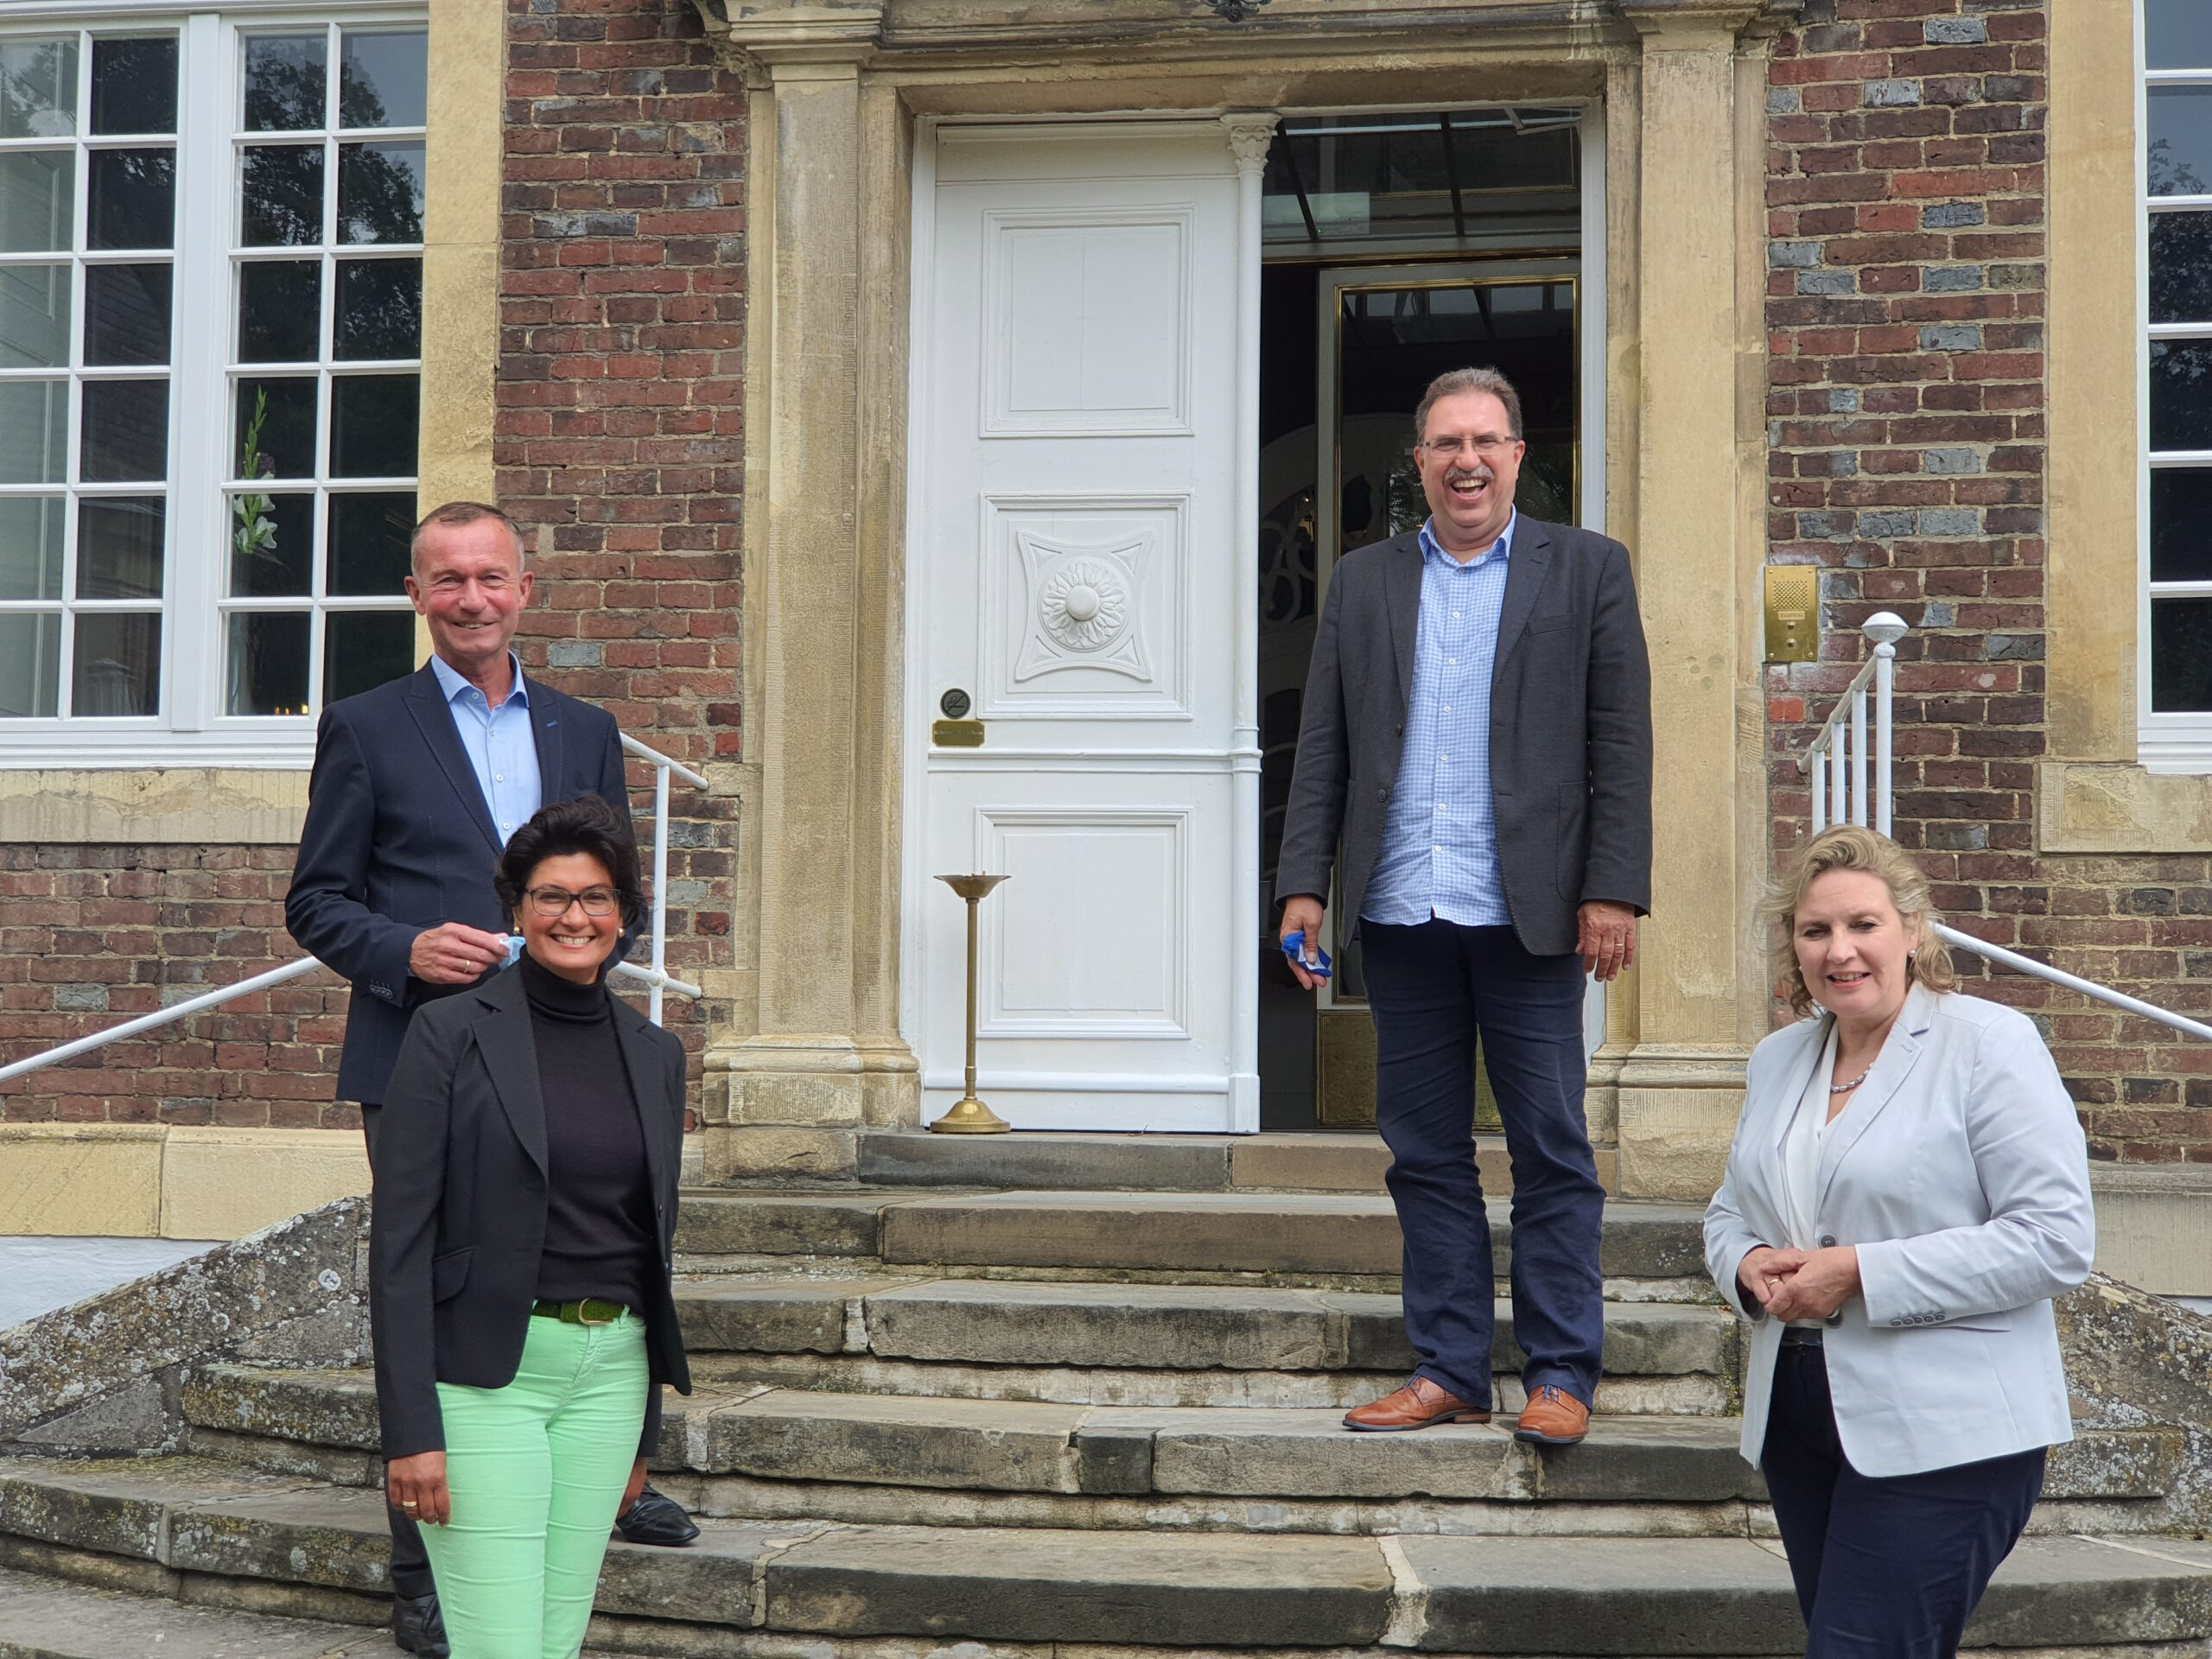 Simone Wendland MdL und Ratsherr Olaf Bloch zu Besuch im Schlosshotel Wilkinghege bei den Eigentümern Gertha und Rembert Winneken